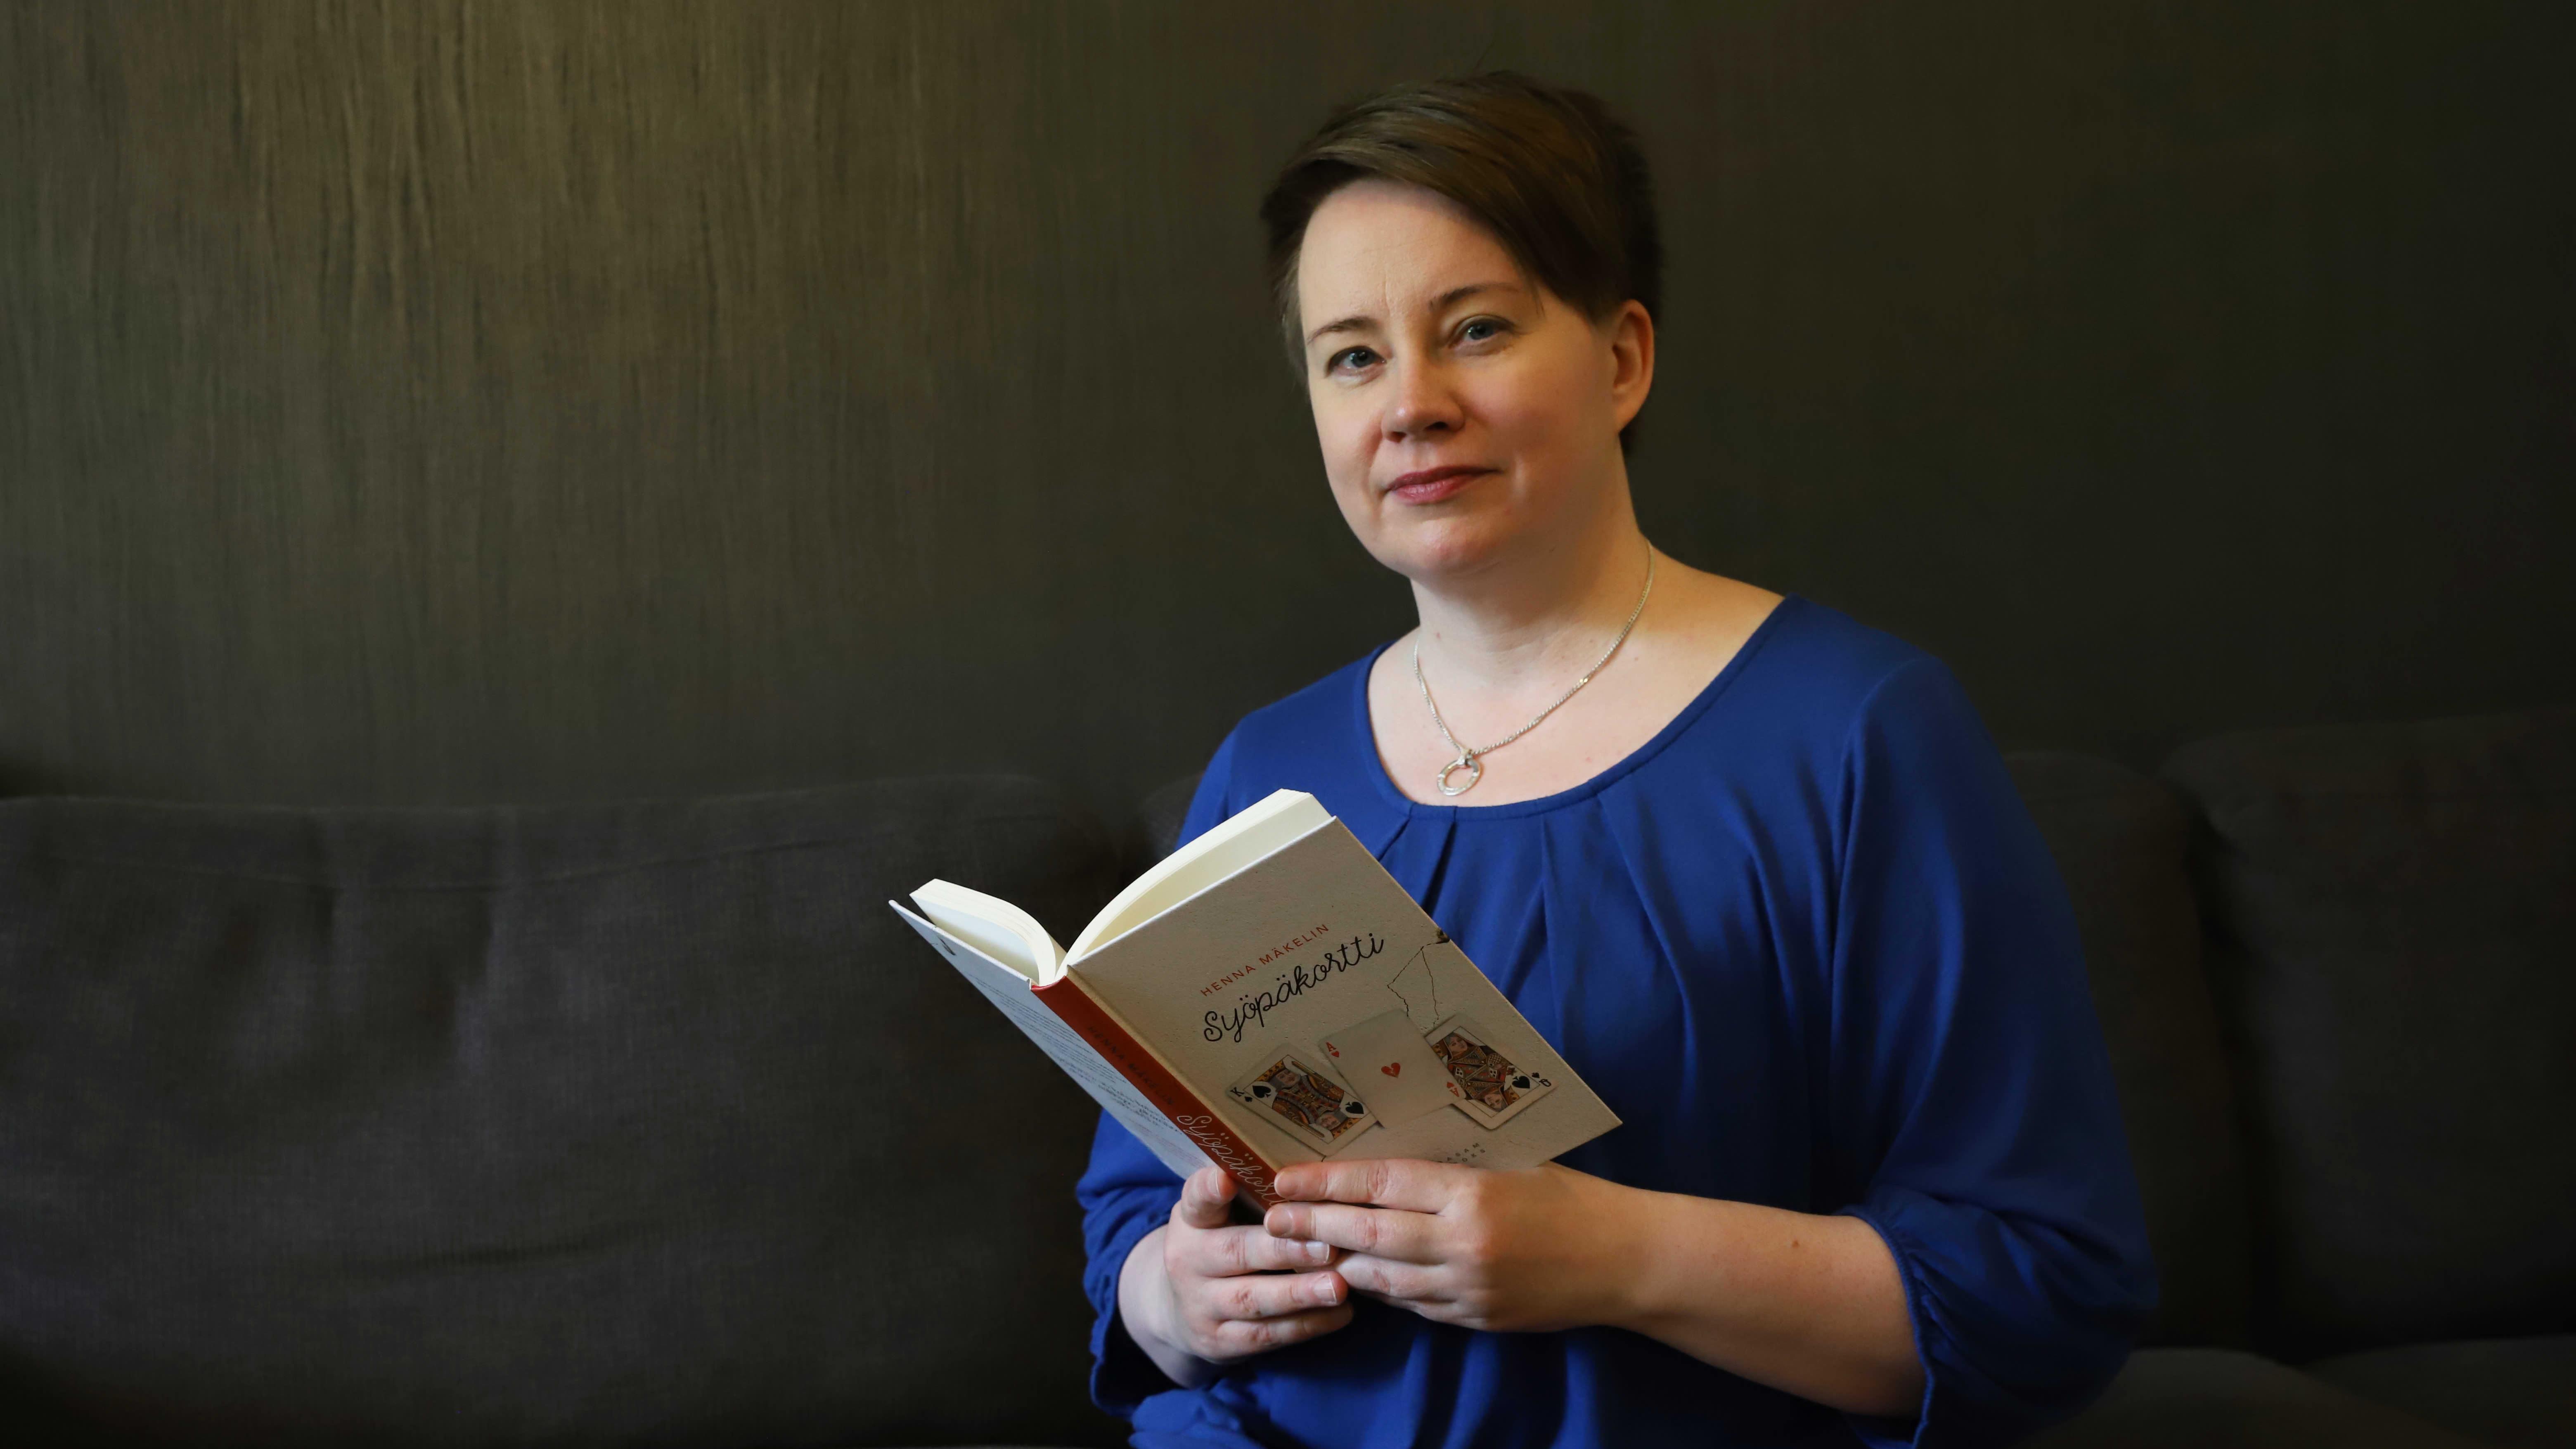 Kirjailija Henna Mäkelin pitelemässä Syöpäkortti -kirjaansa.